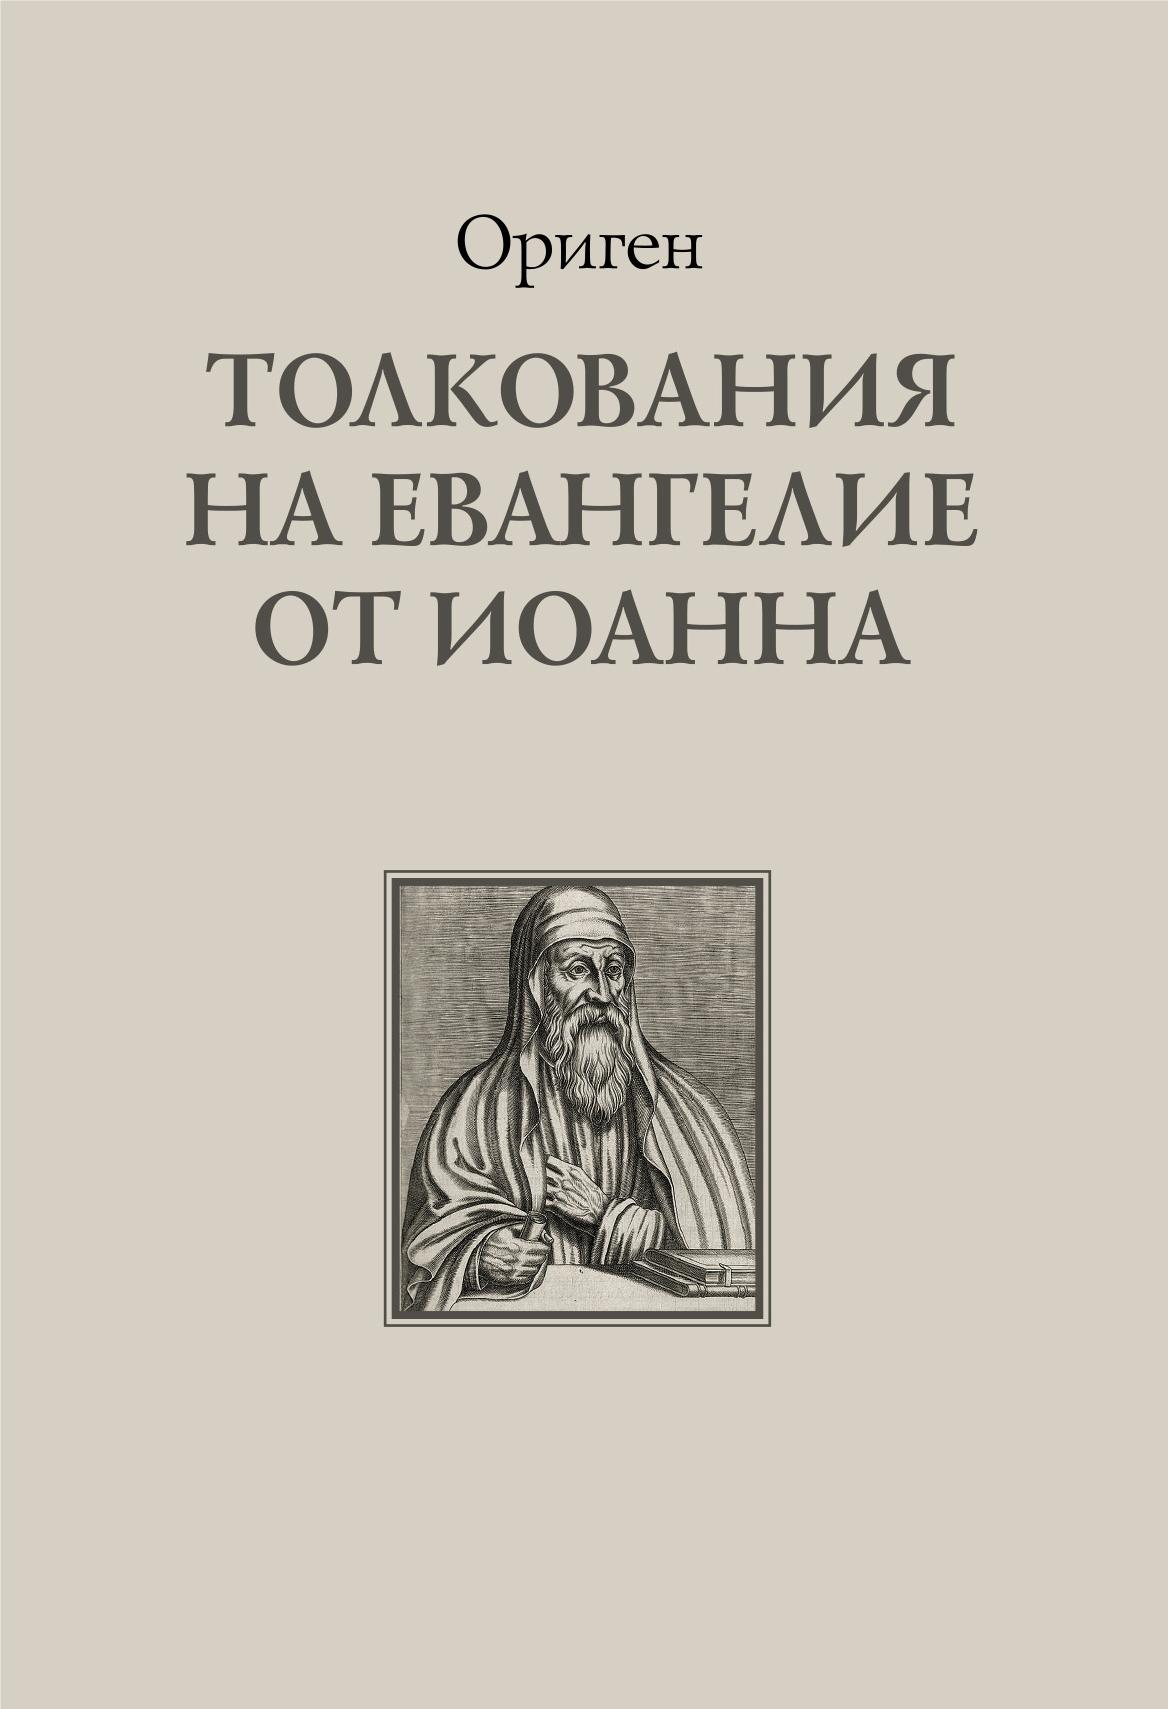 Ориген. Толкования на Евангелие от Иоанна. Издательство РХГА